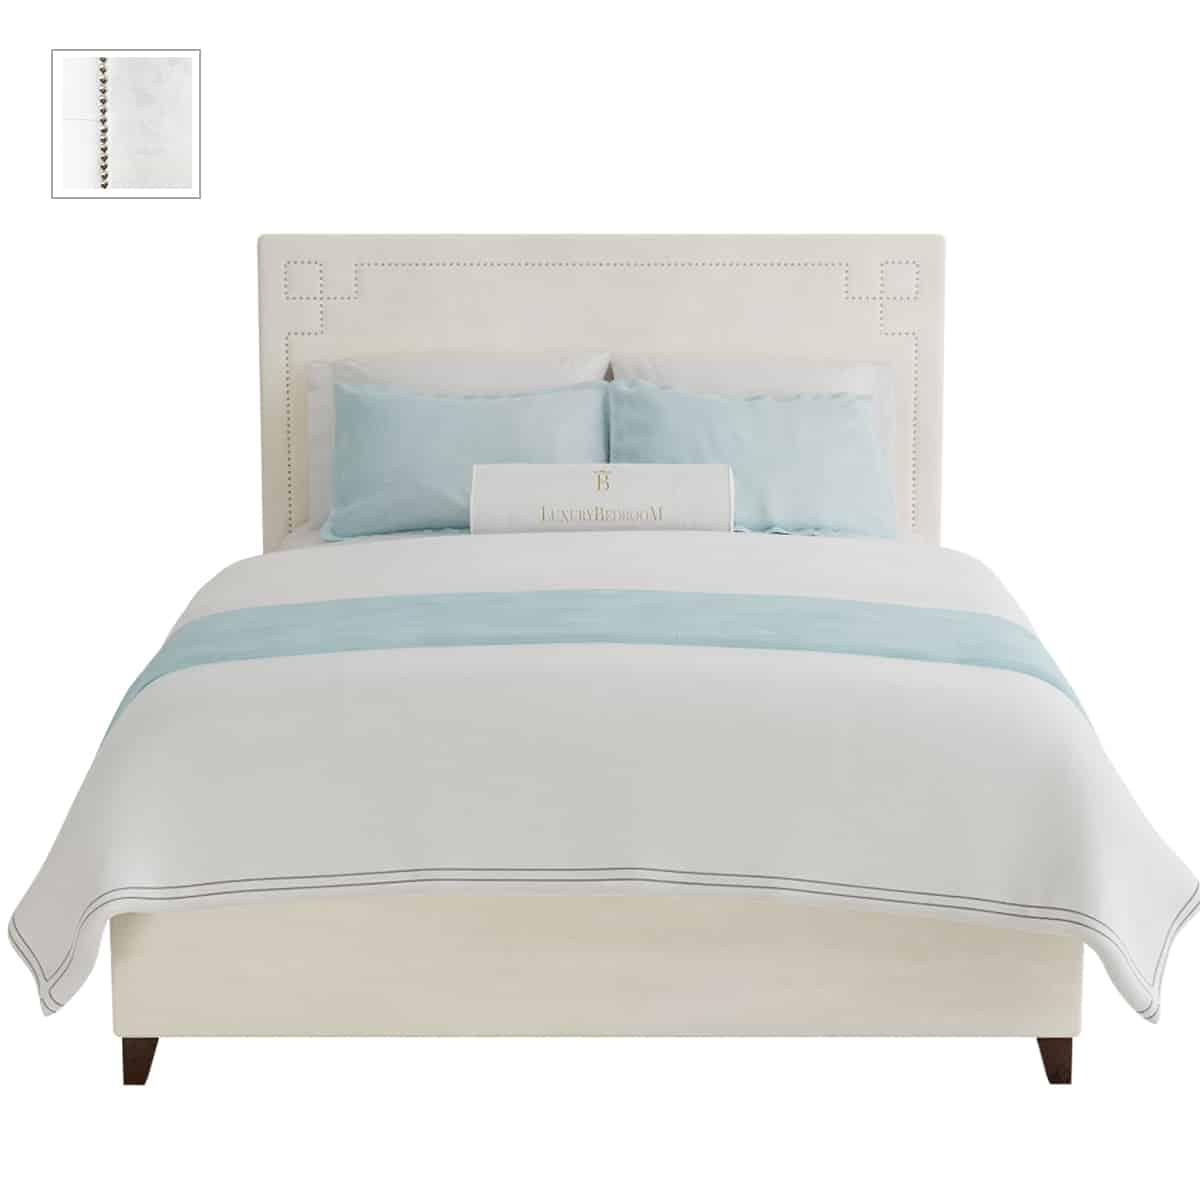 łóżka hotelowe warszawa